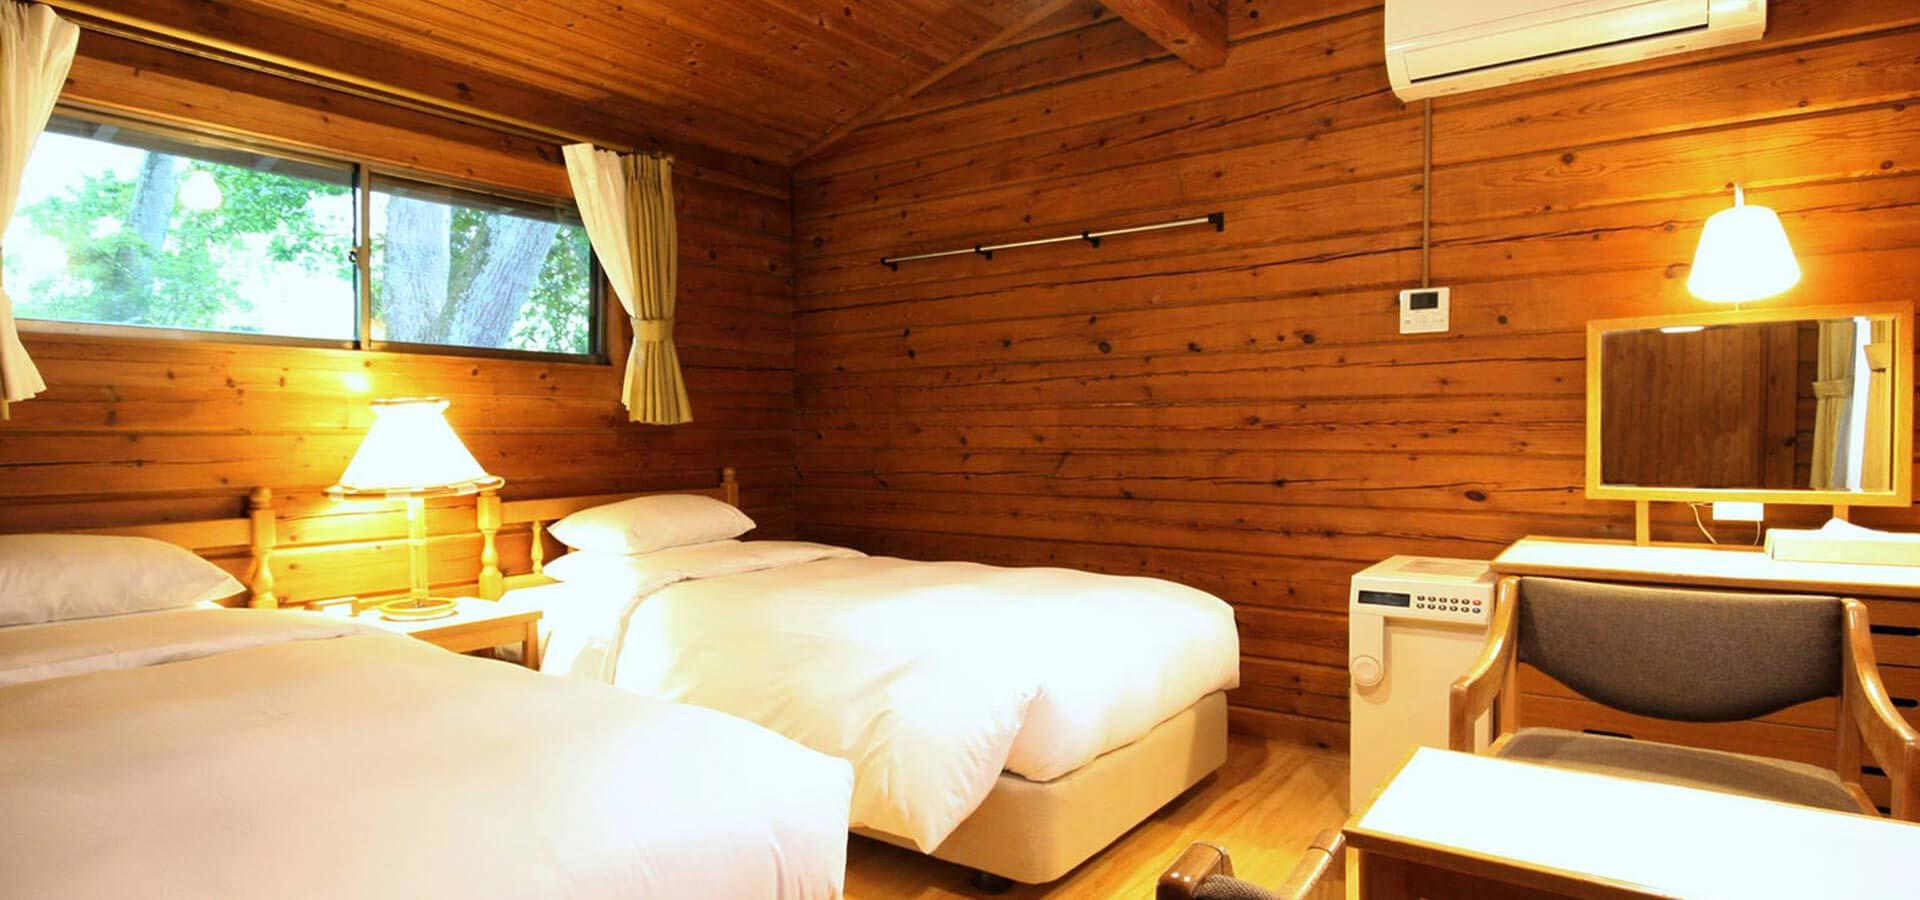 小木屋A 含兒童房間 共6棟